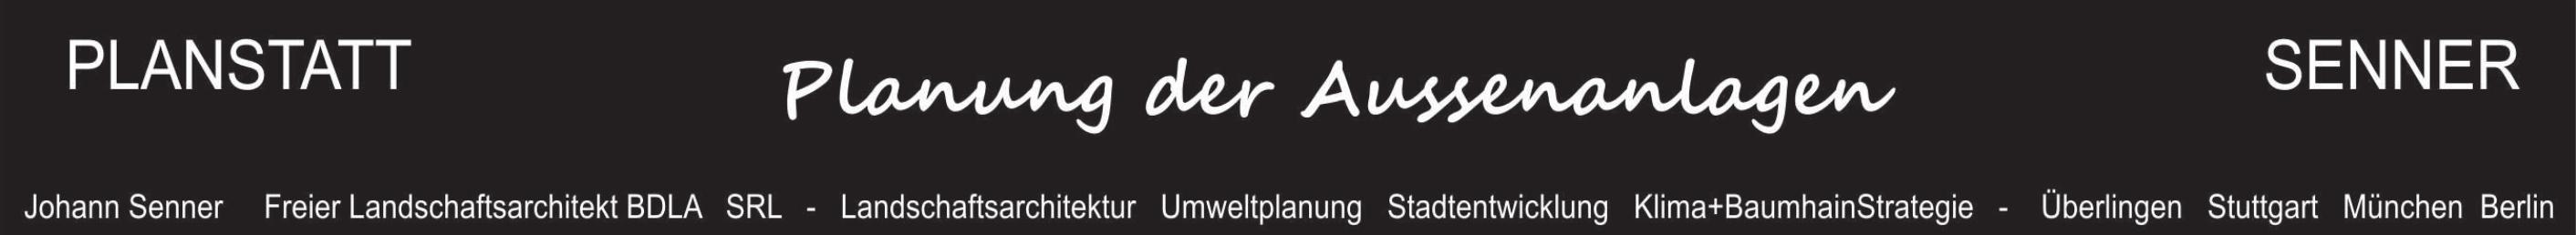 Planstatt Senner